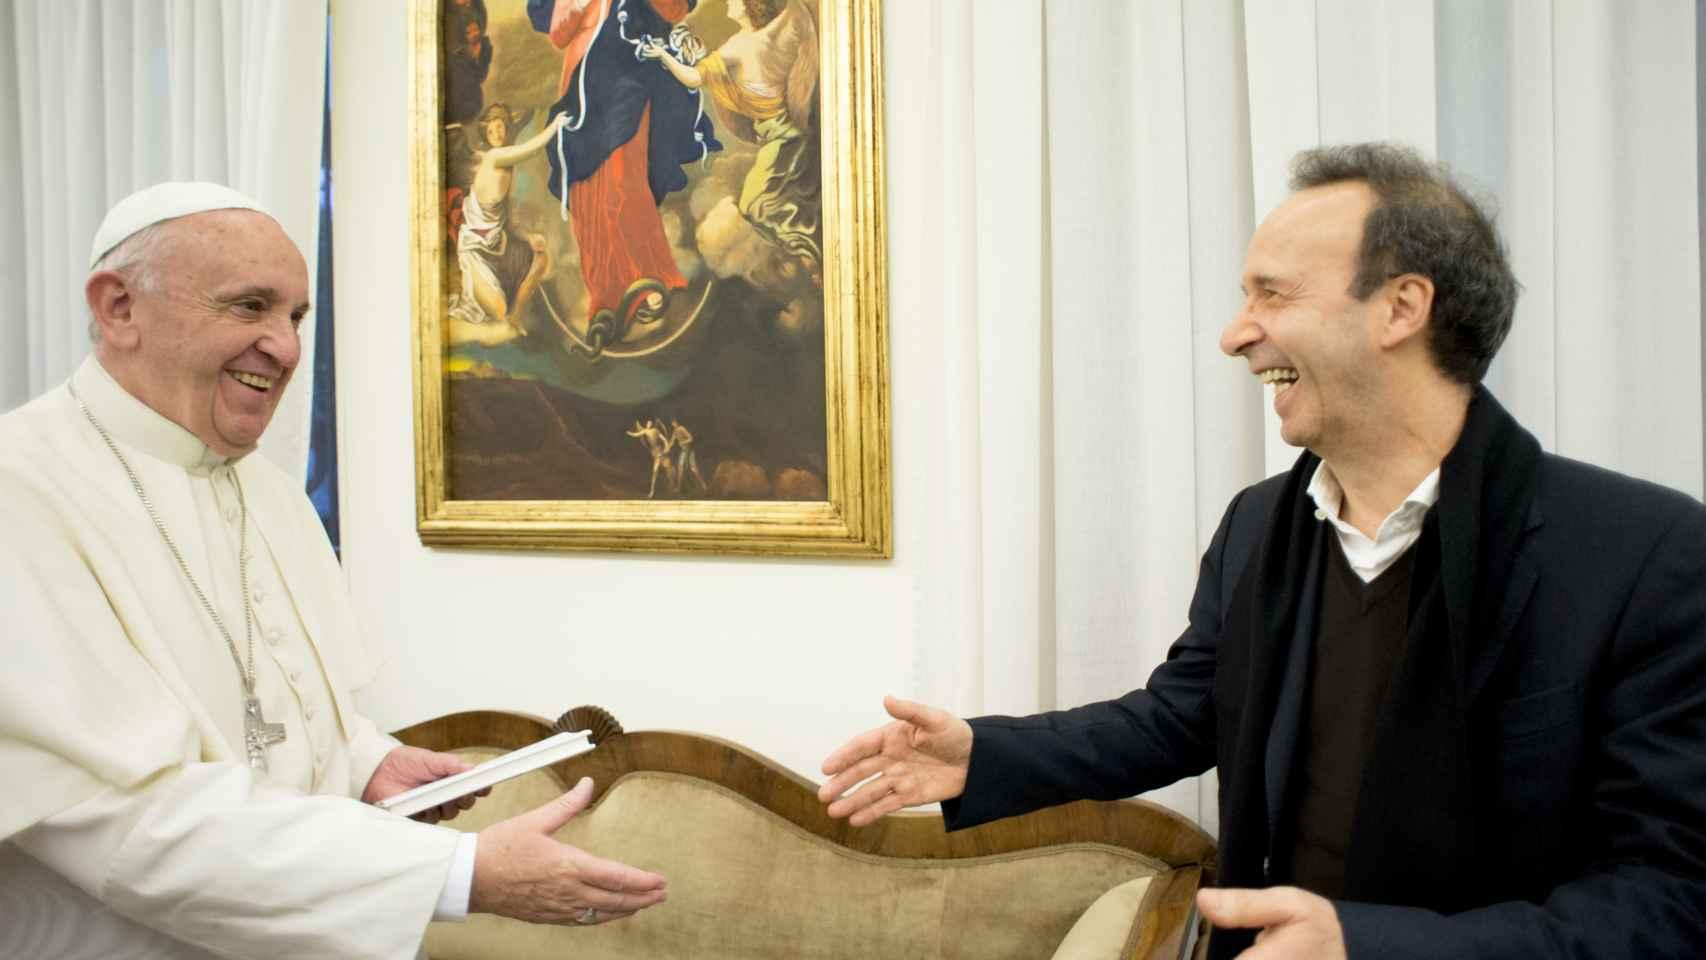 El Papa Francisco y el director Roberto Benigni en la presentación de el libro